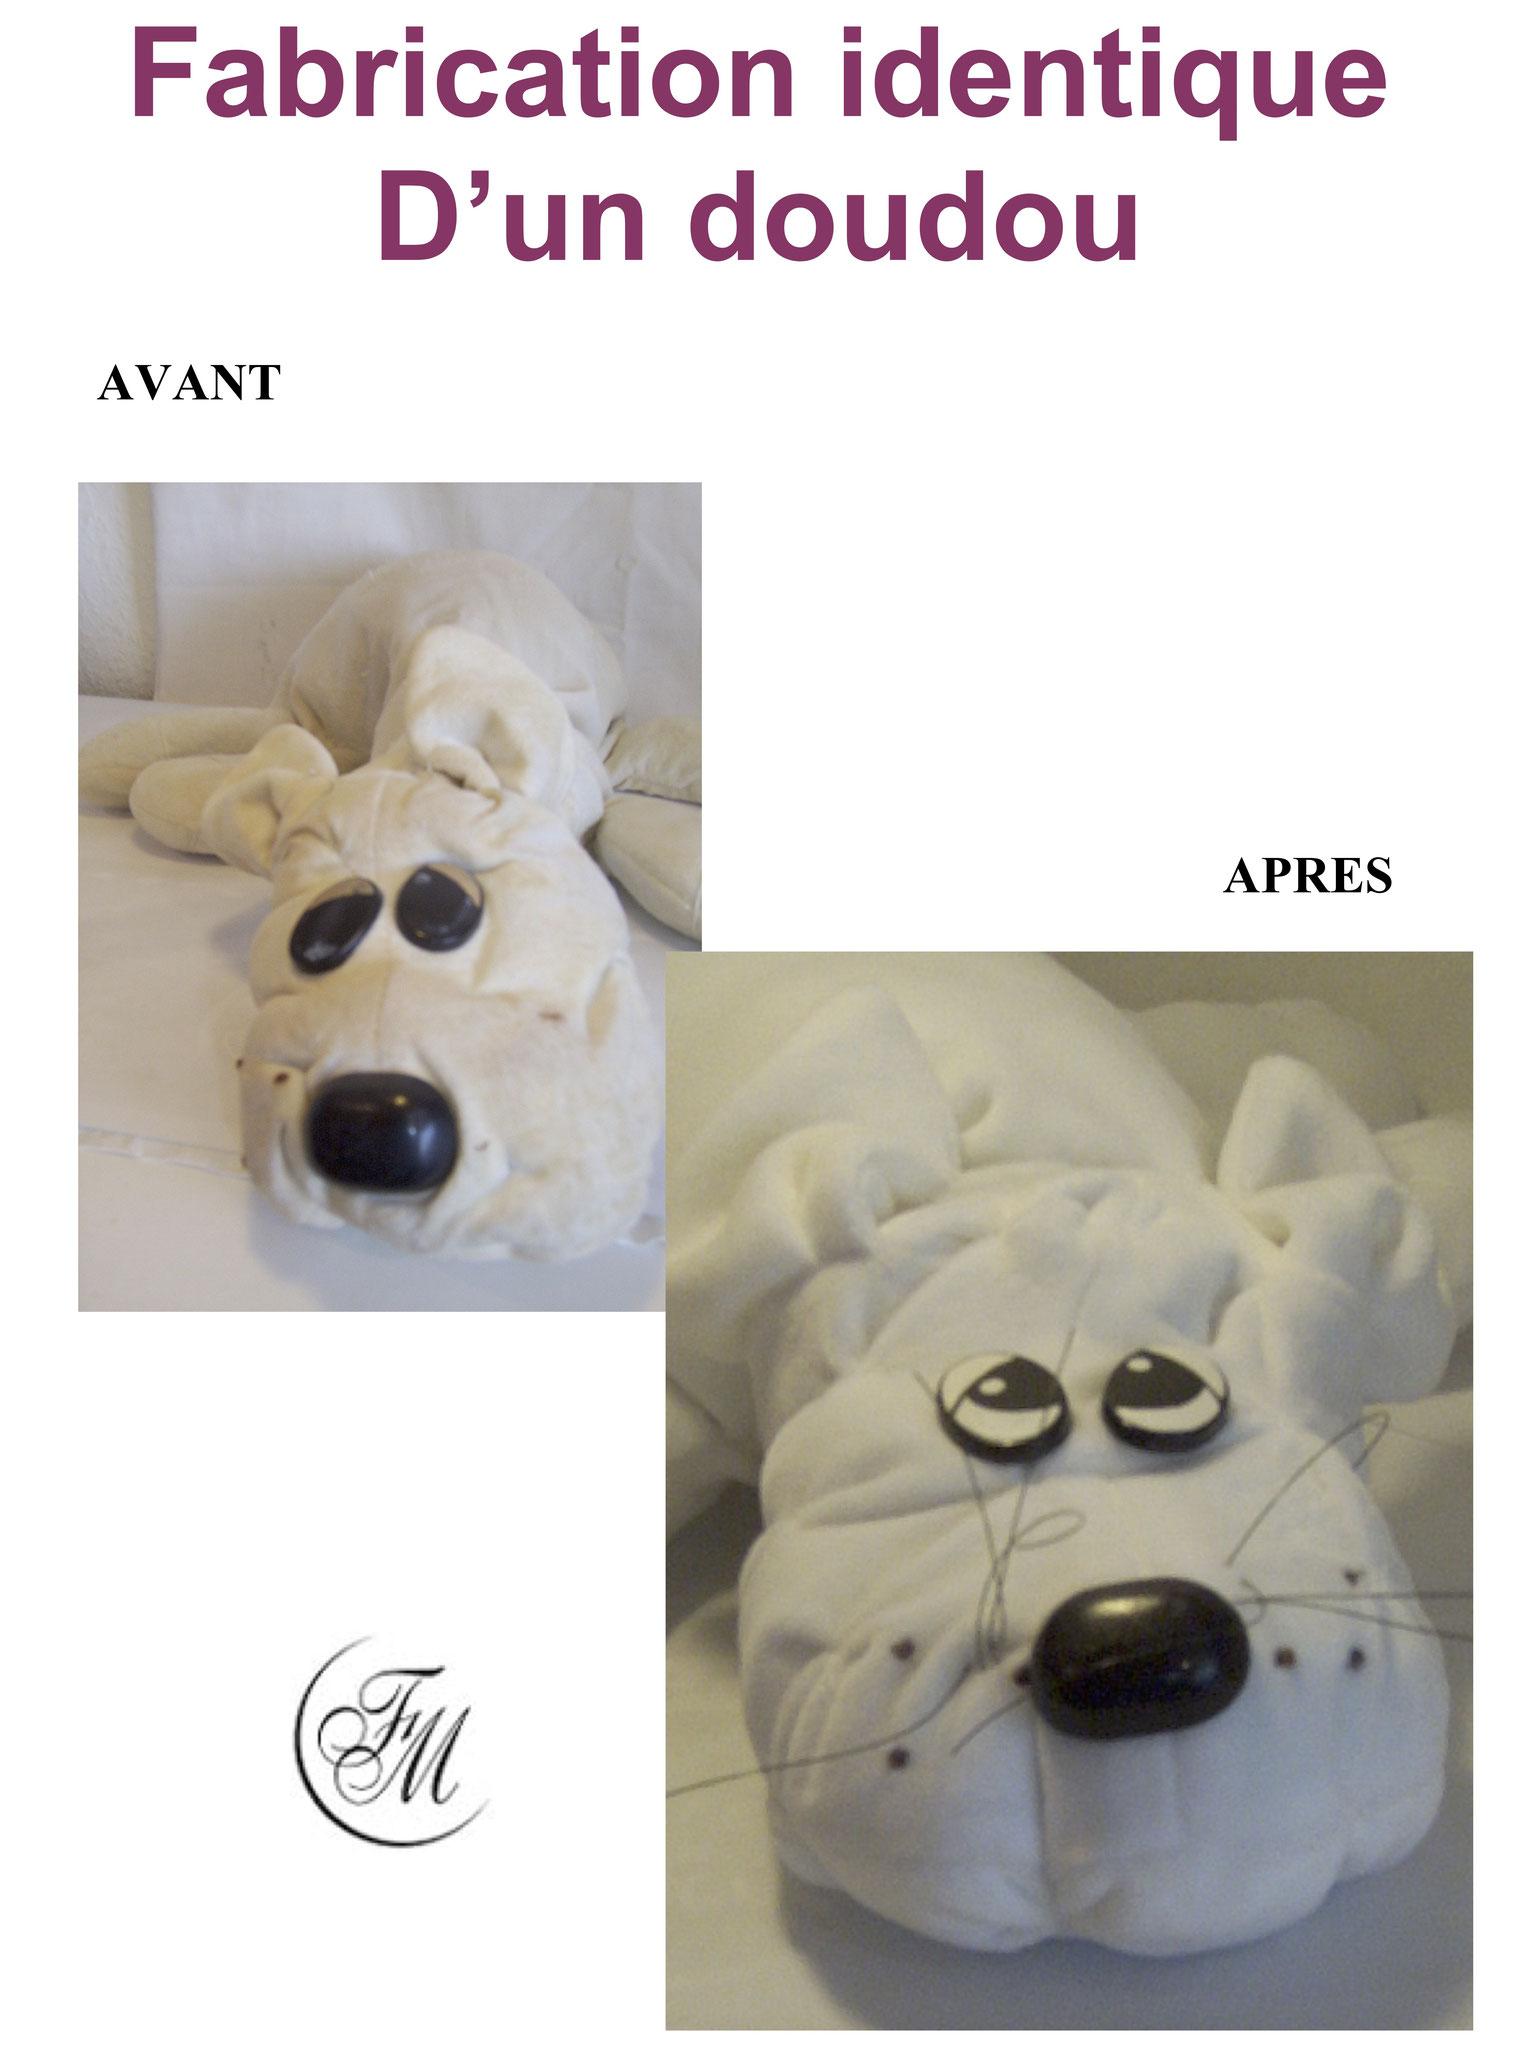 Doudou de La clinique des poupées - Bordeaux